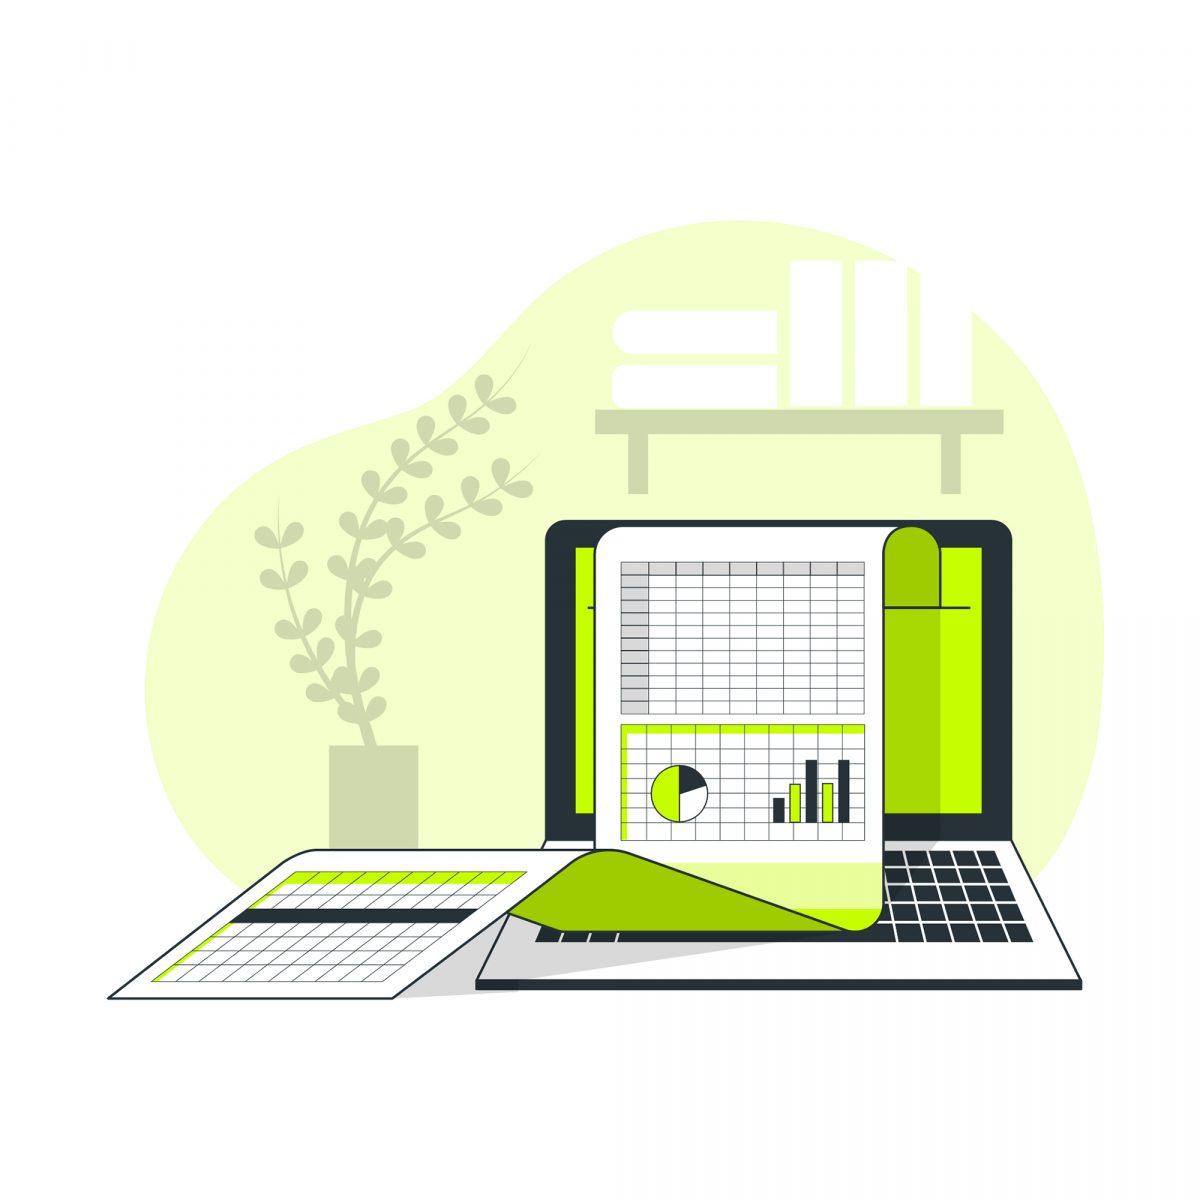 curso de excel gratuito - blog kultivi